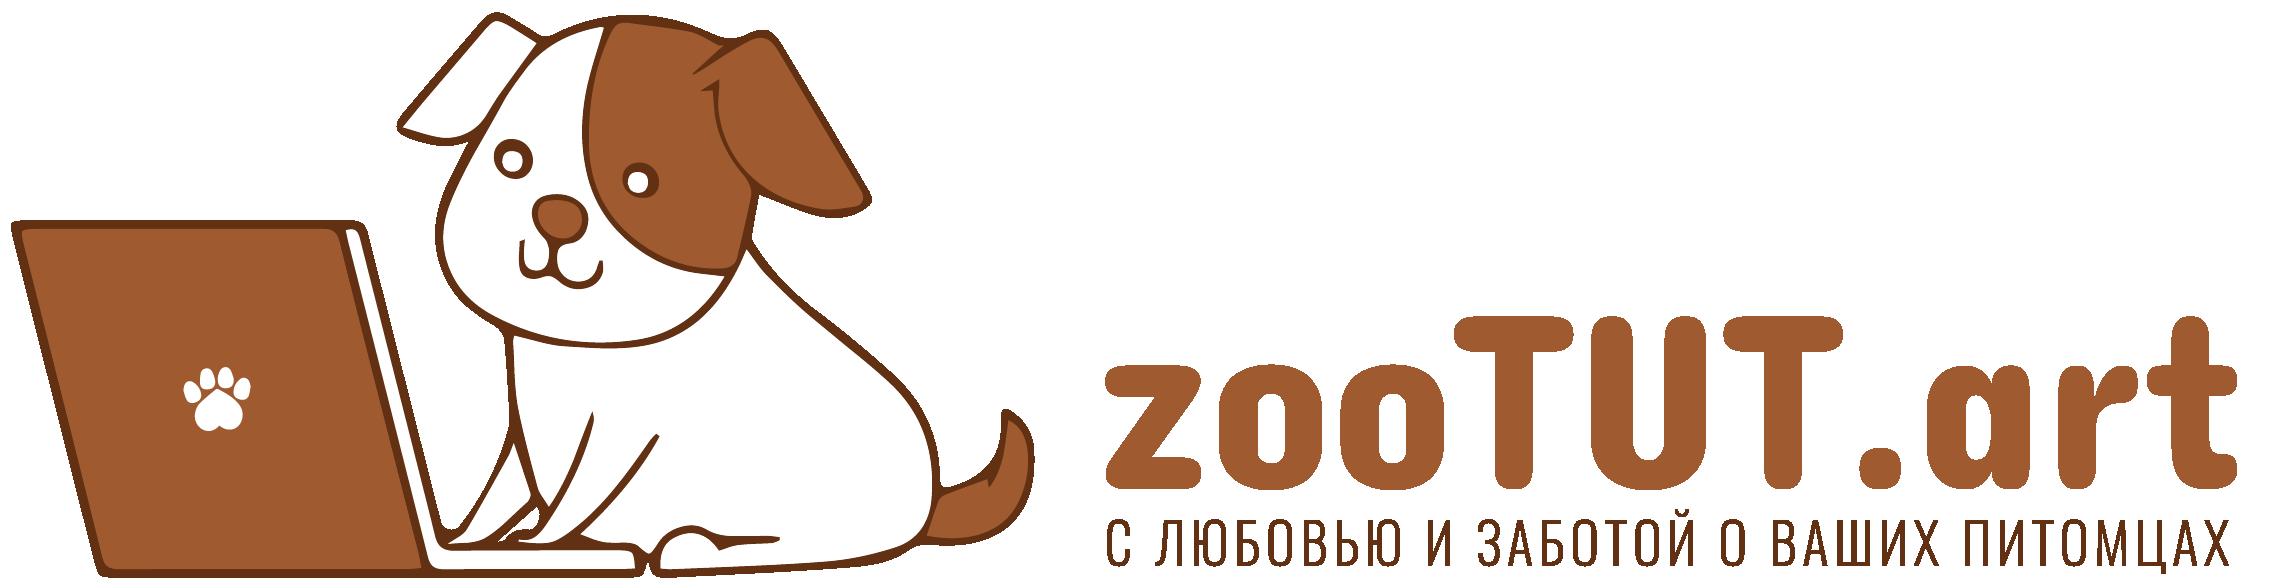 zootut.art